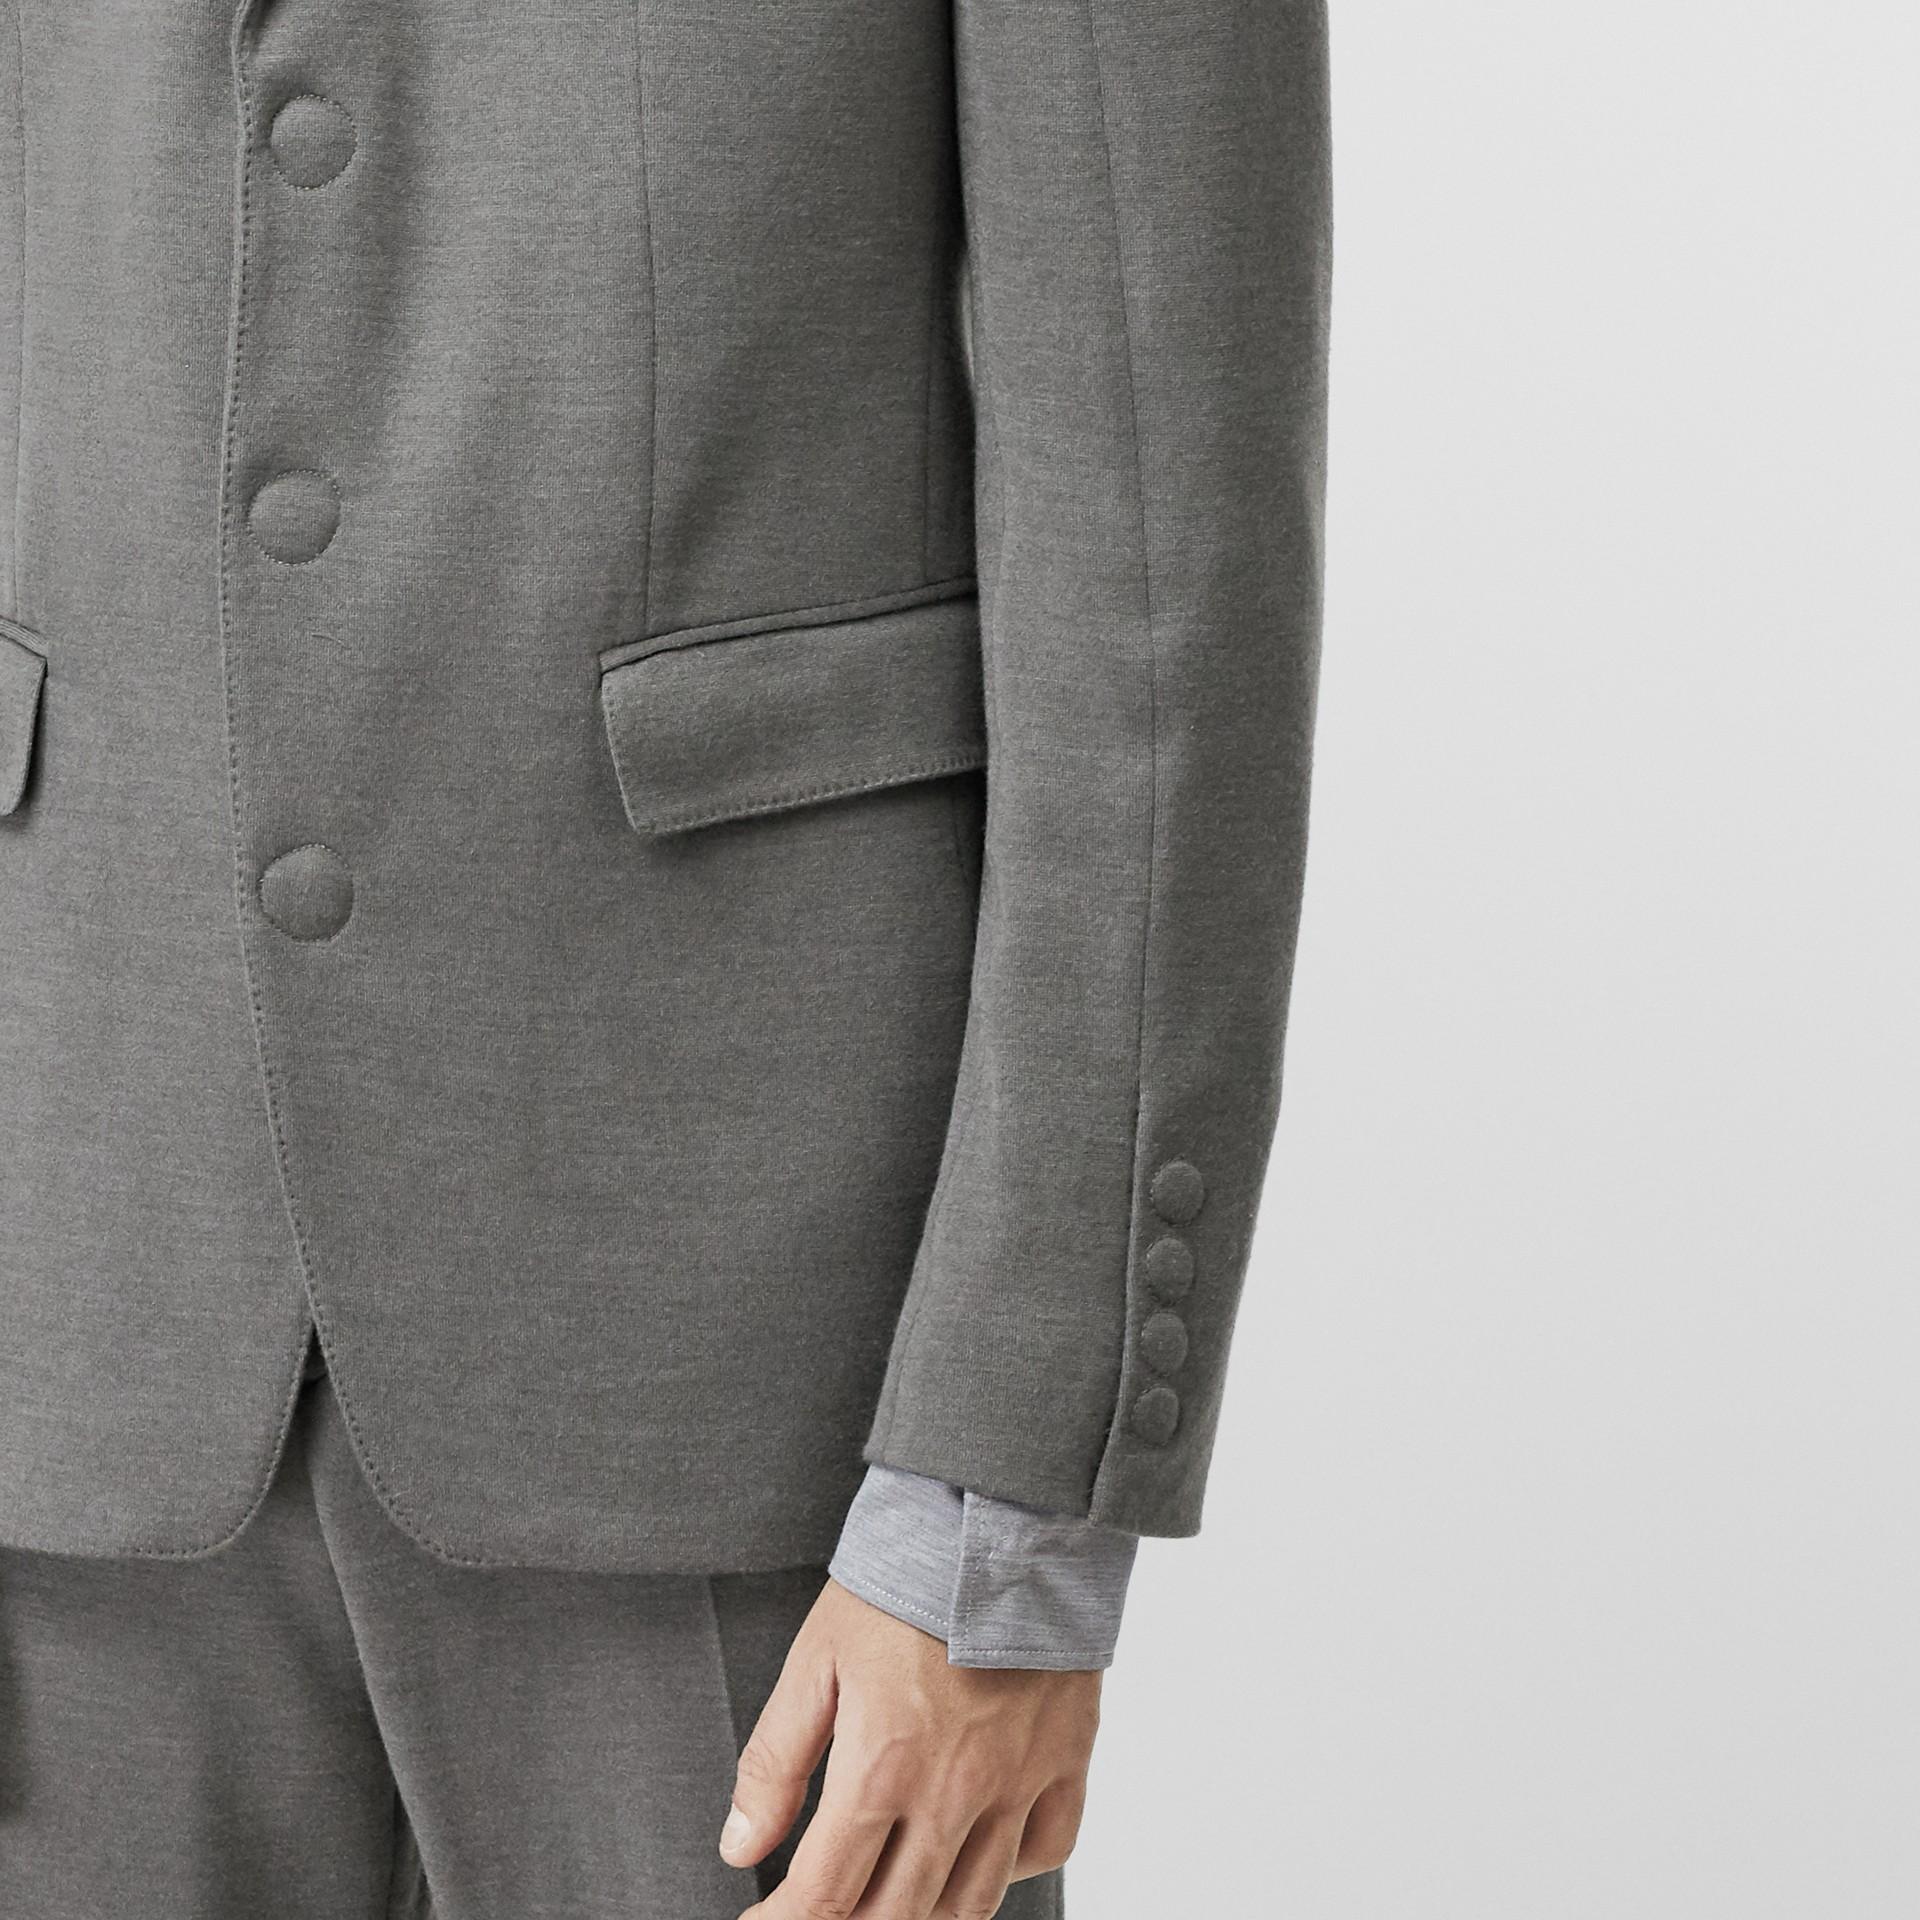 イングリッシュフィット カシミアシルクジャージー テーラードジャケット (クラウドグレー) | バーバリー - ギャラリーイメージ 4